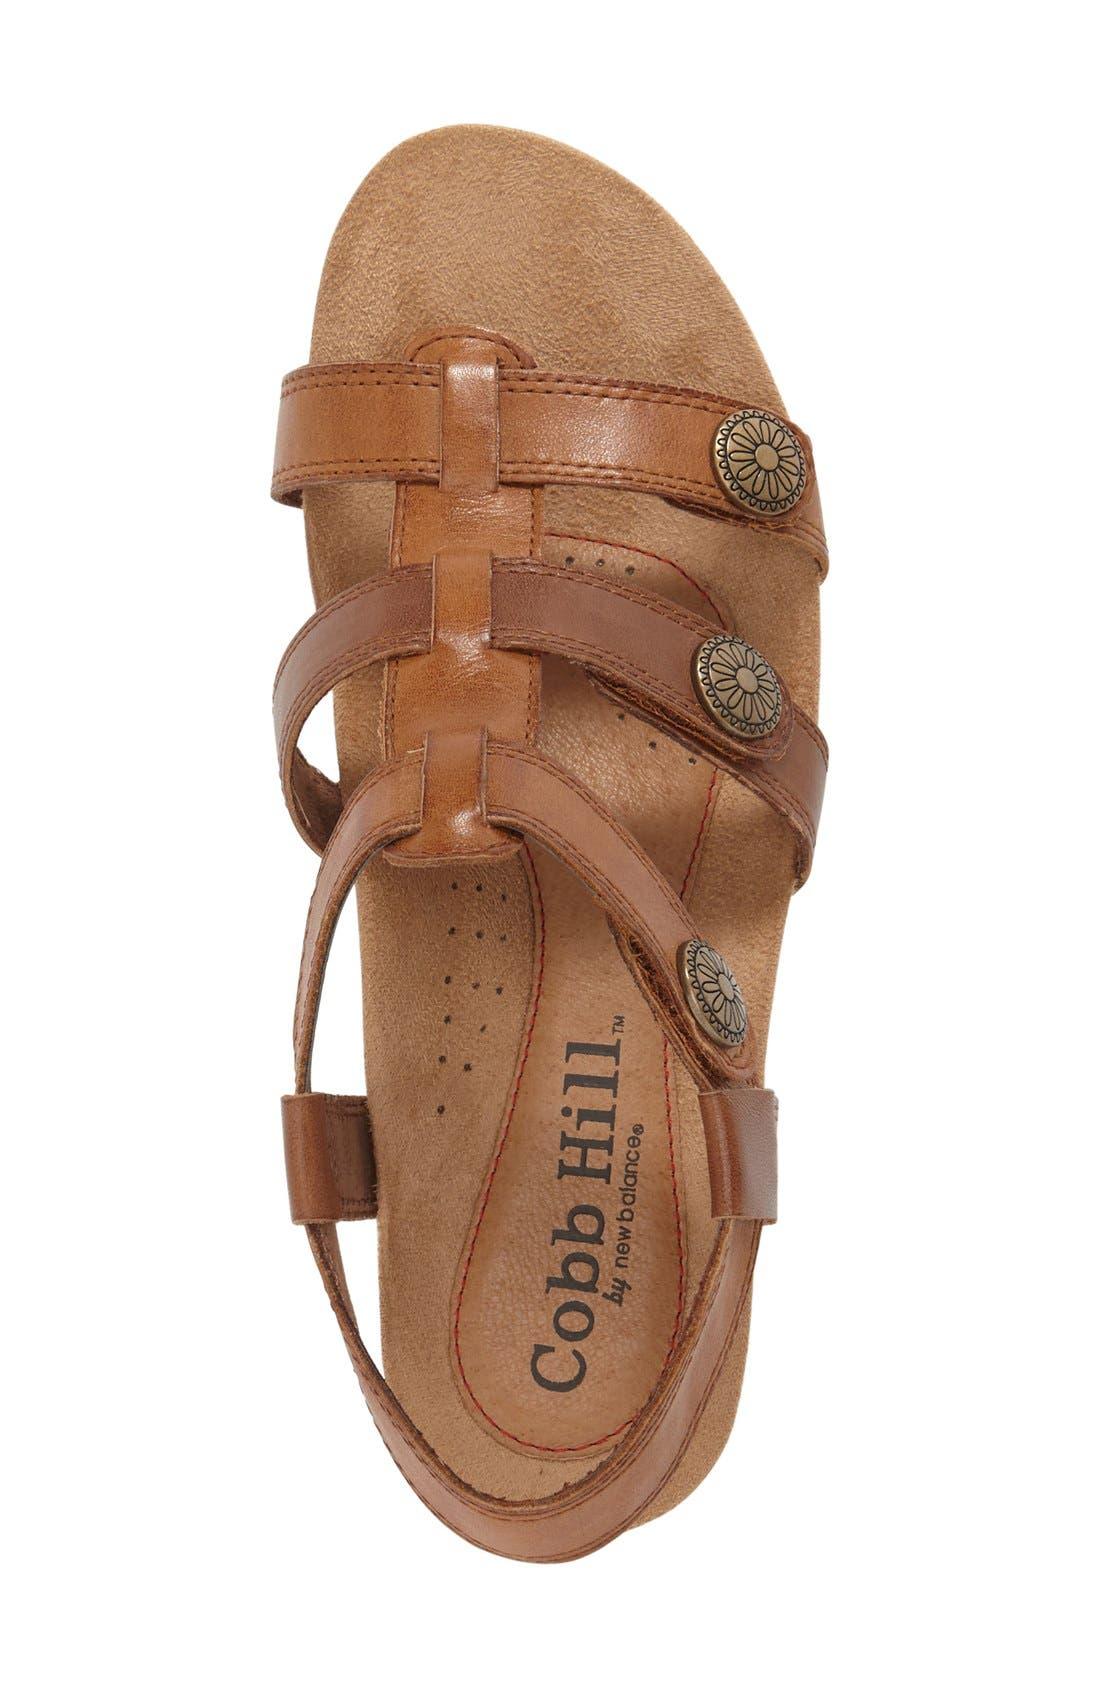 Alternate Image 3  - Rockport Cobb Hill 'Harper' Wedge Sandal (Women)